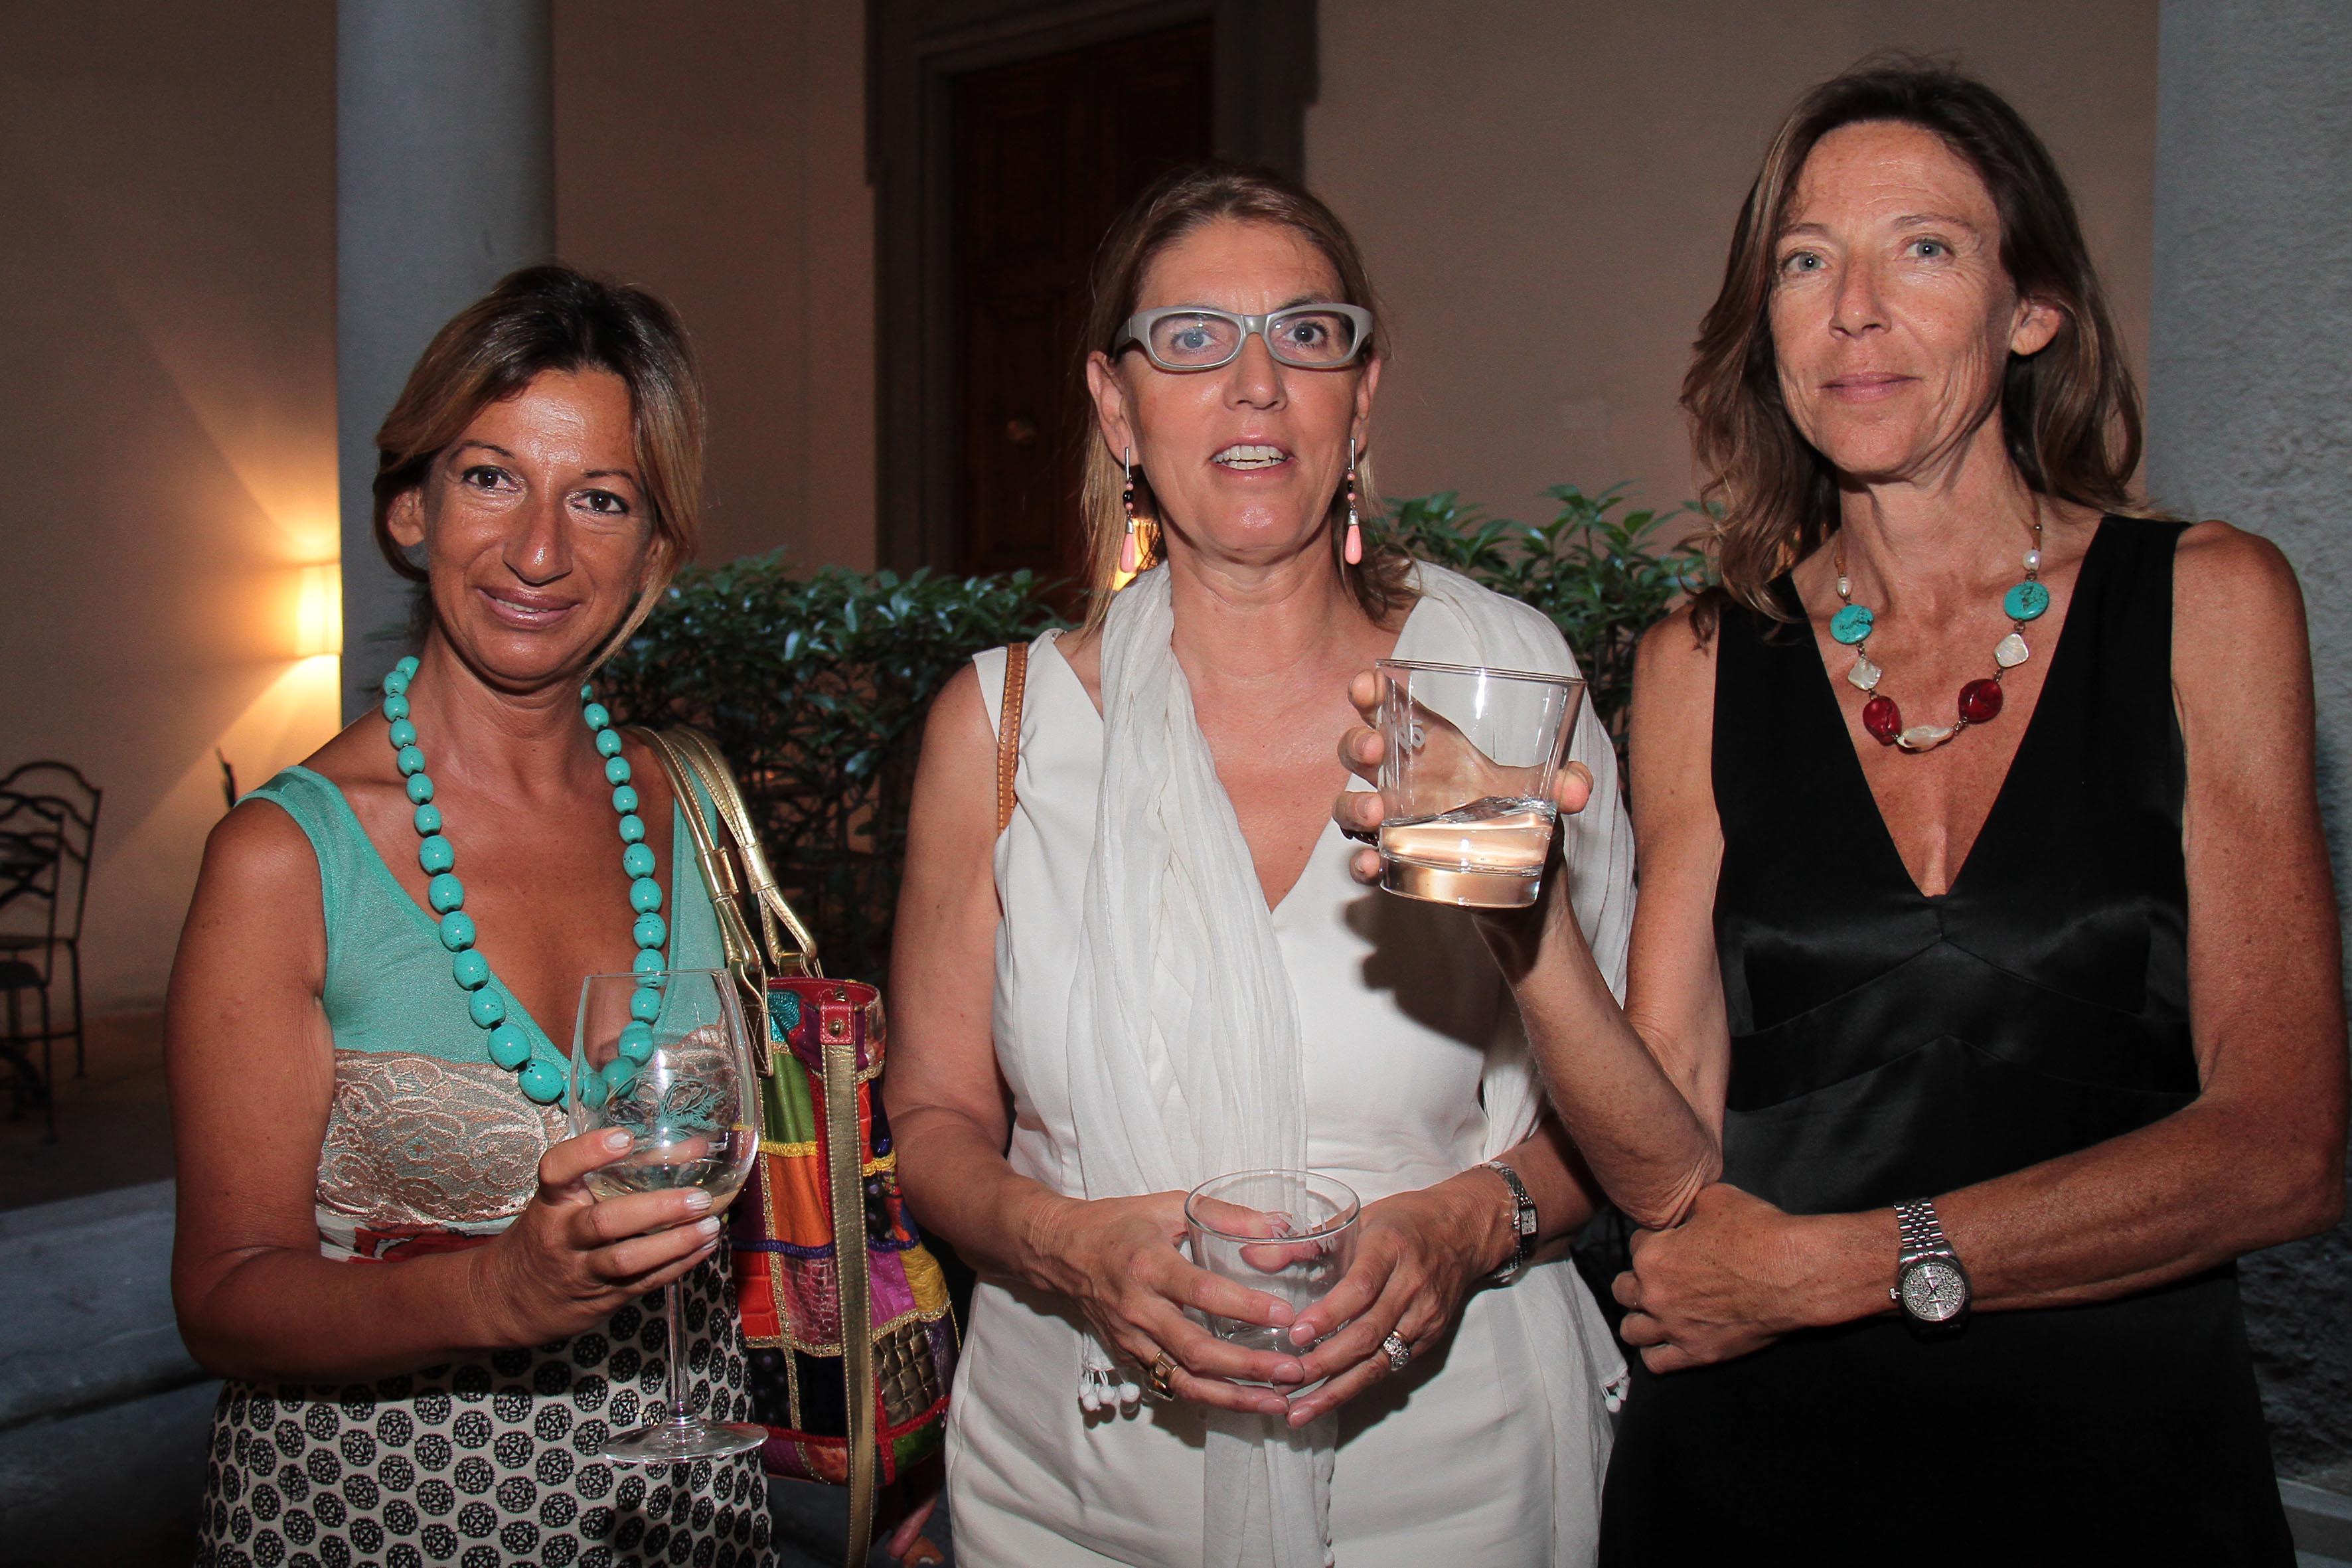 PRESSPHOTO Firenze, Obikà aperitivo. Nella foto Lora Kilicyan, Donatella De Peverelli e Giovanna Luzi  giuseppe cabras/new press photo